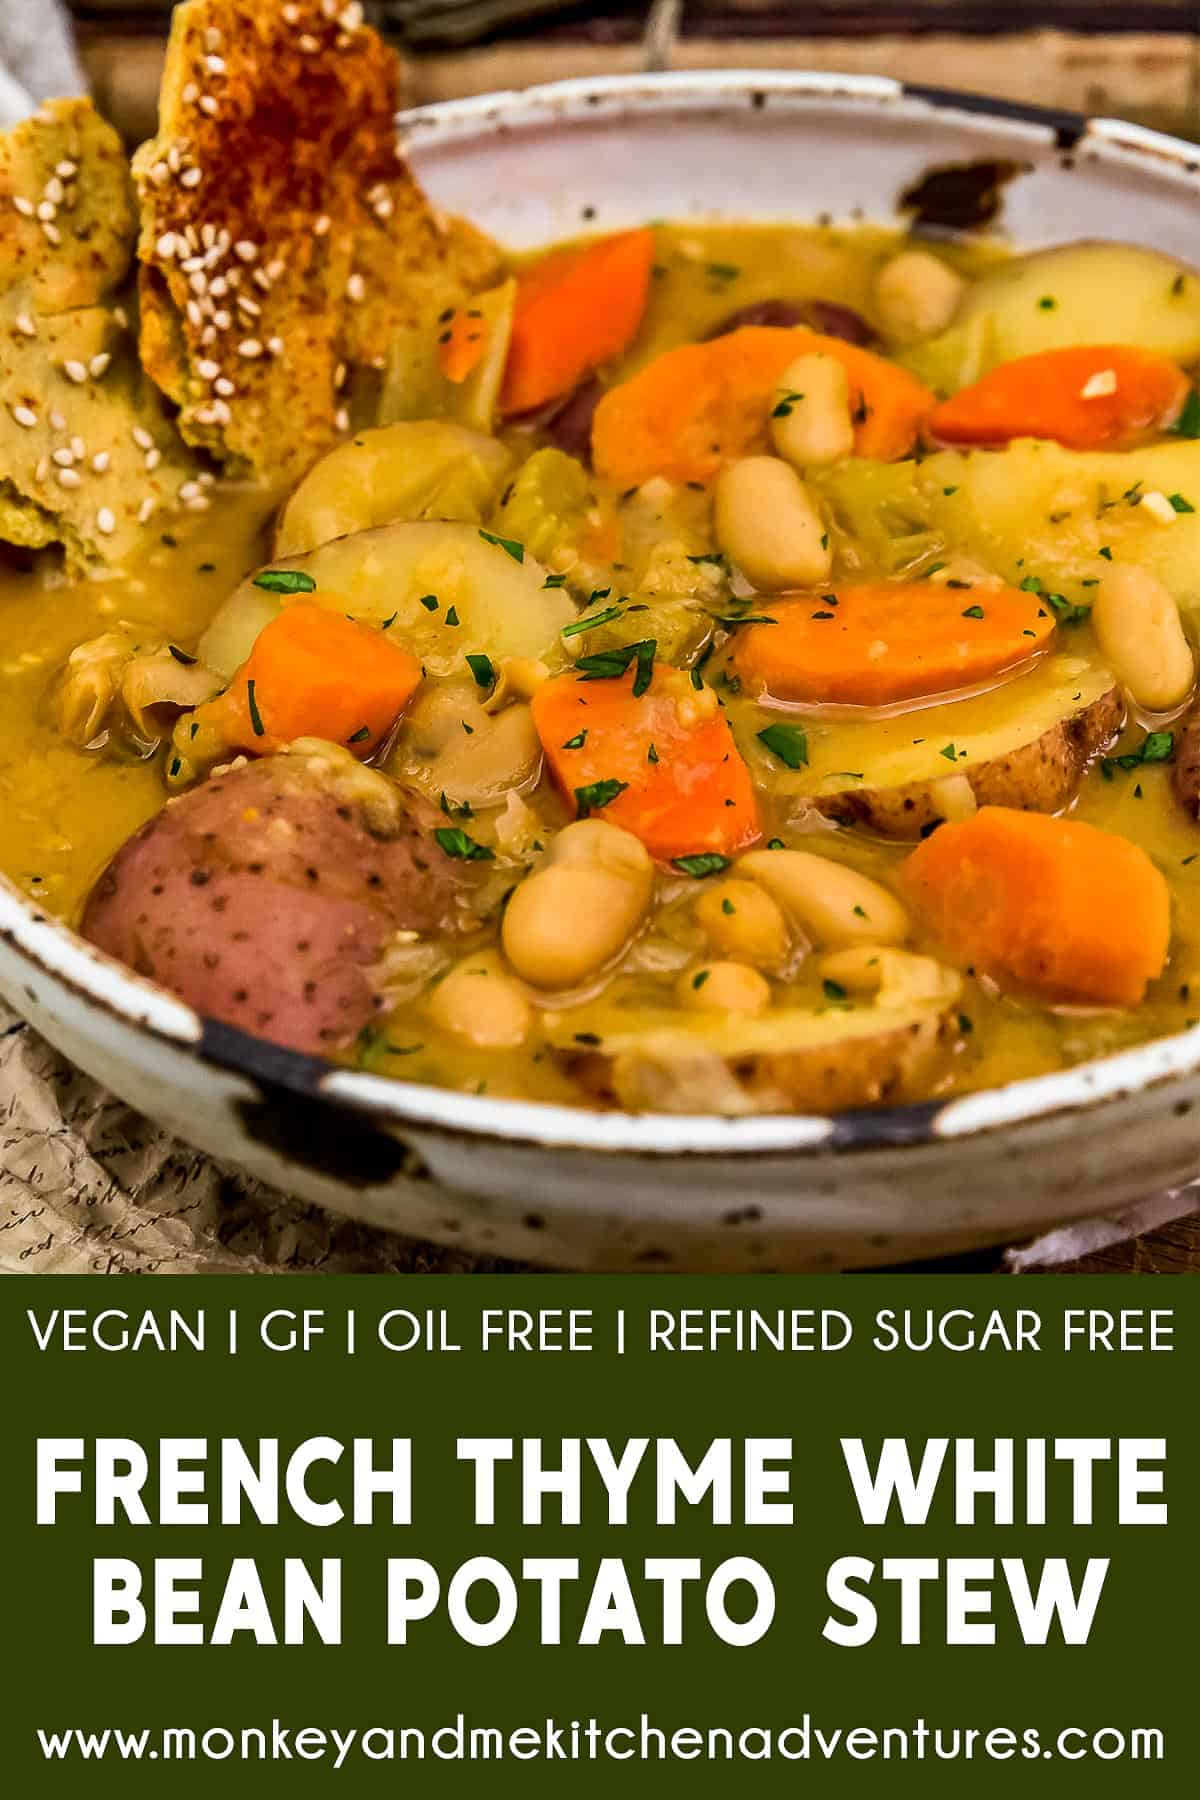 French Thyme White Bean Potato Stew with text description